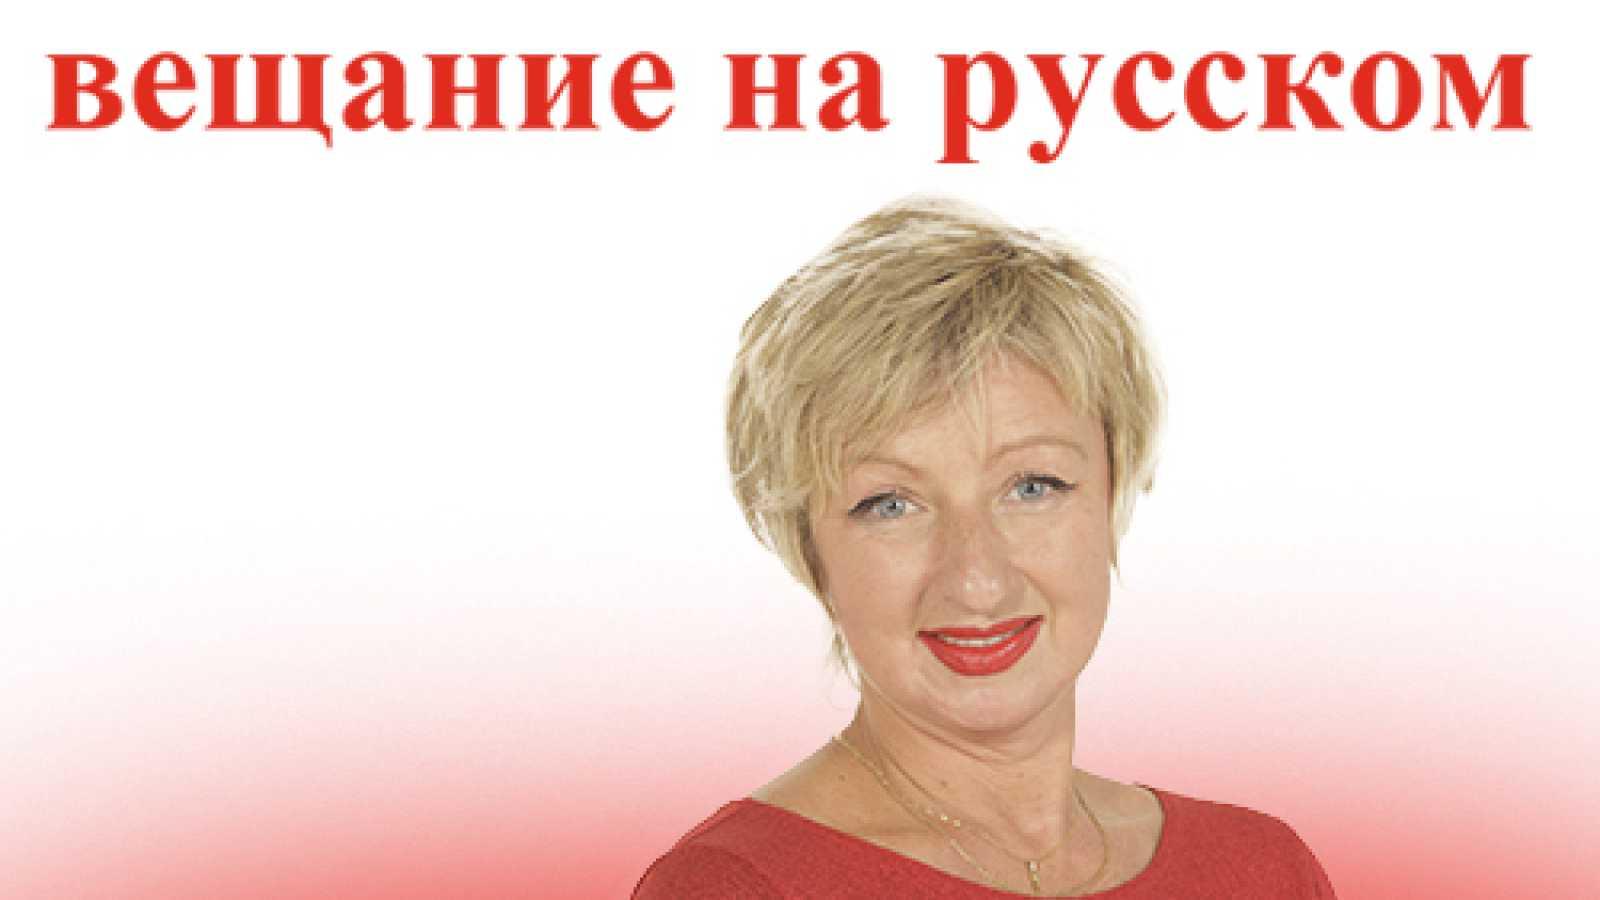 Emisión en ruso - 'Stariye pesni o glavnom' made in Spain. Vip.16 - 12/02/21 - escuchar haora